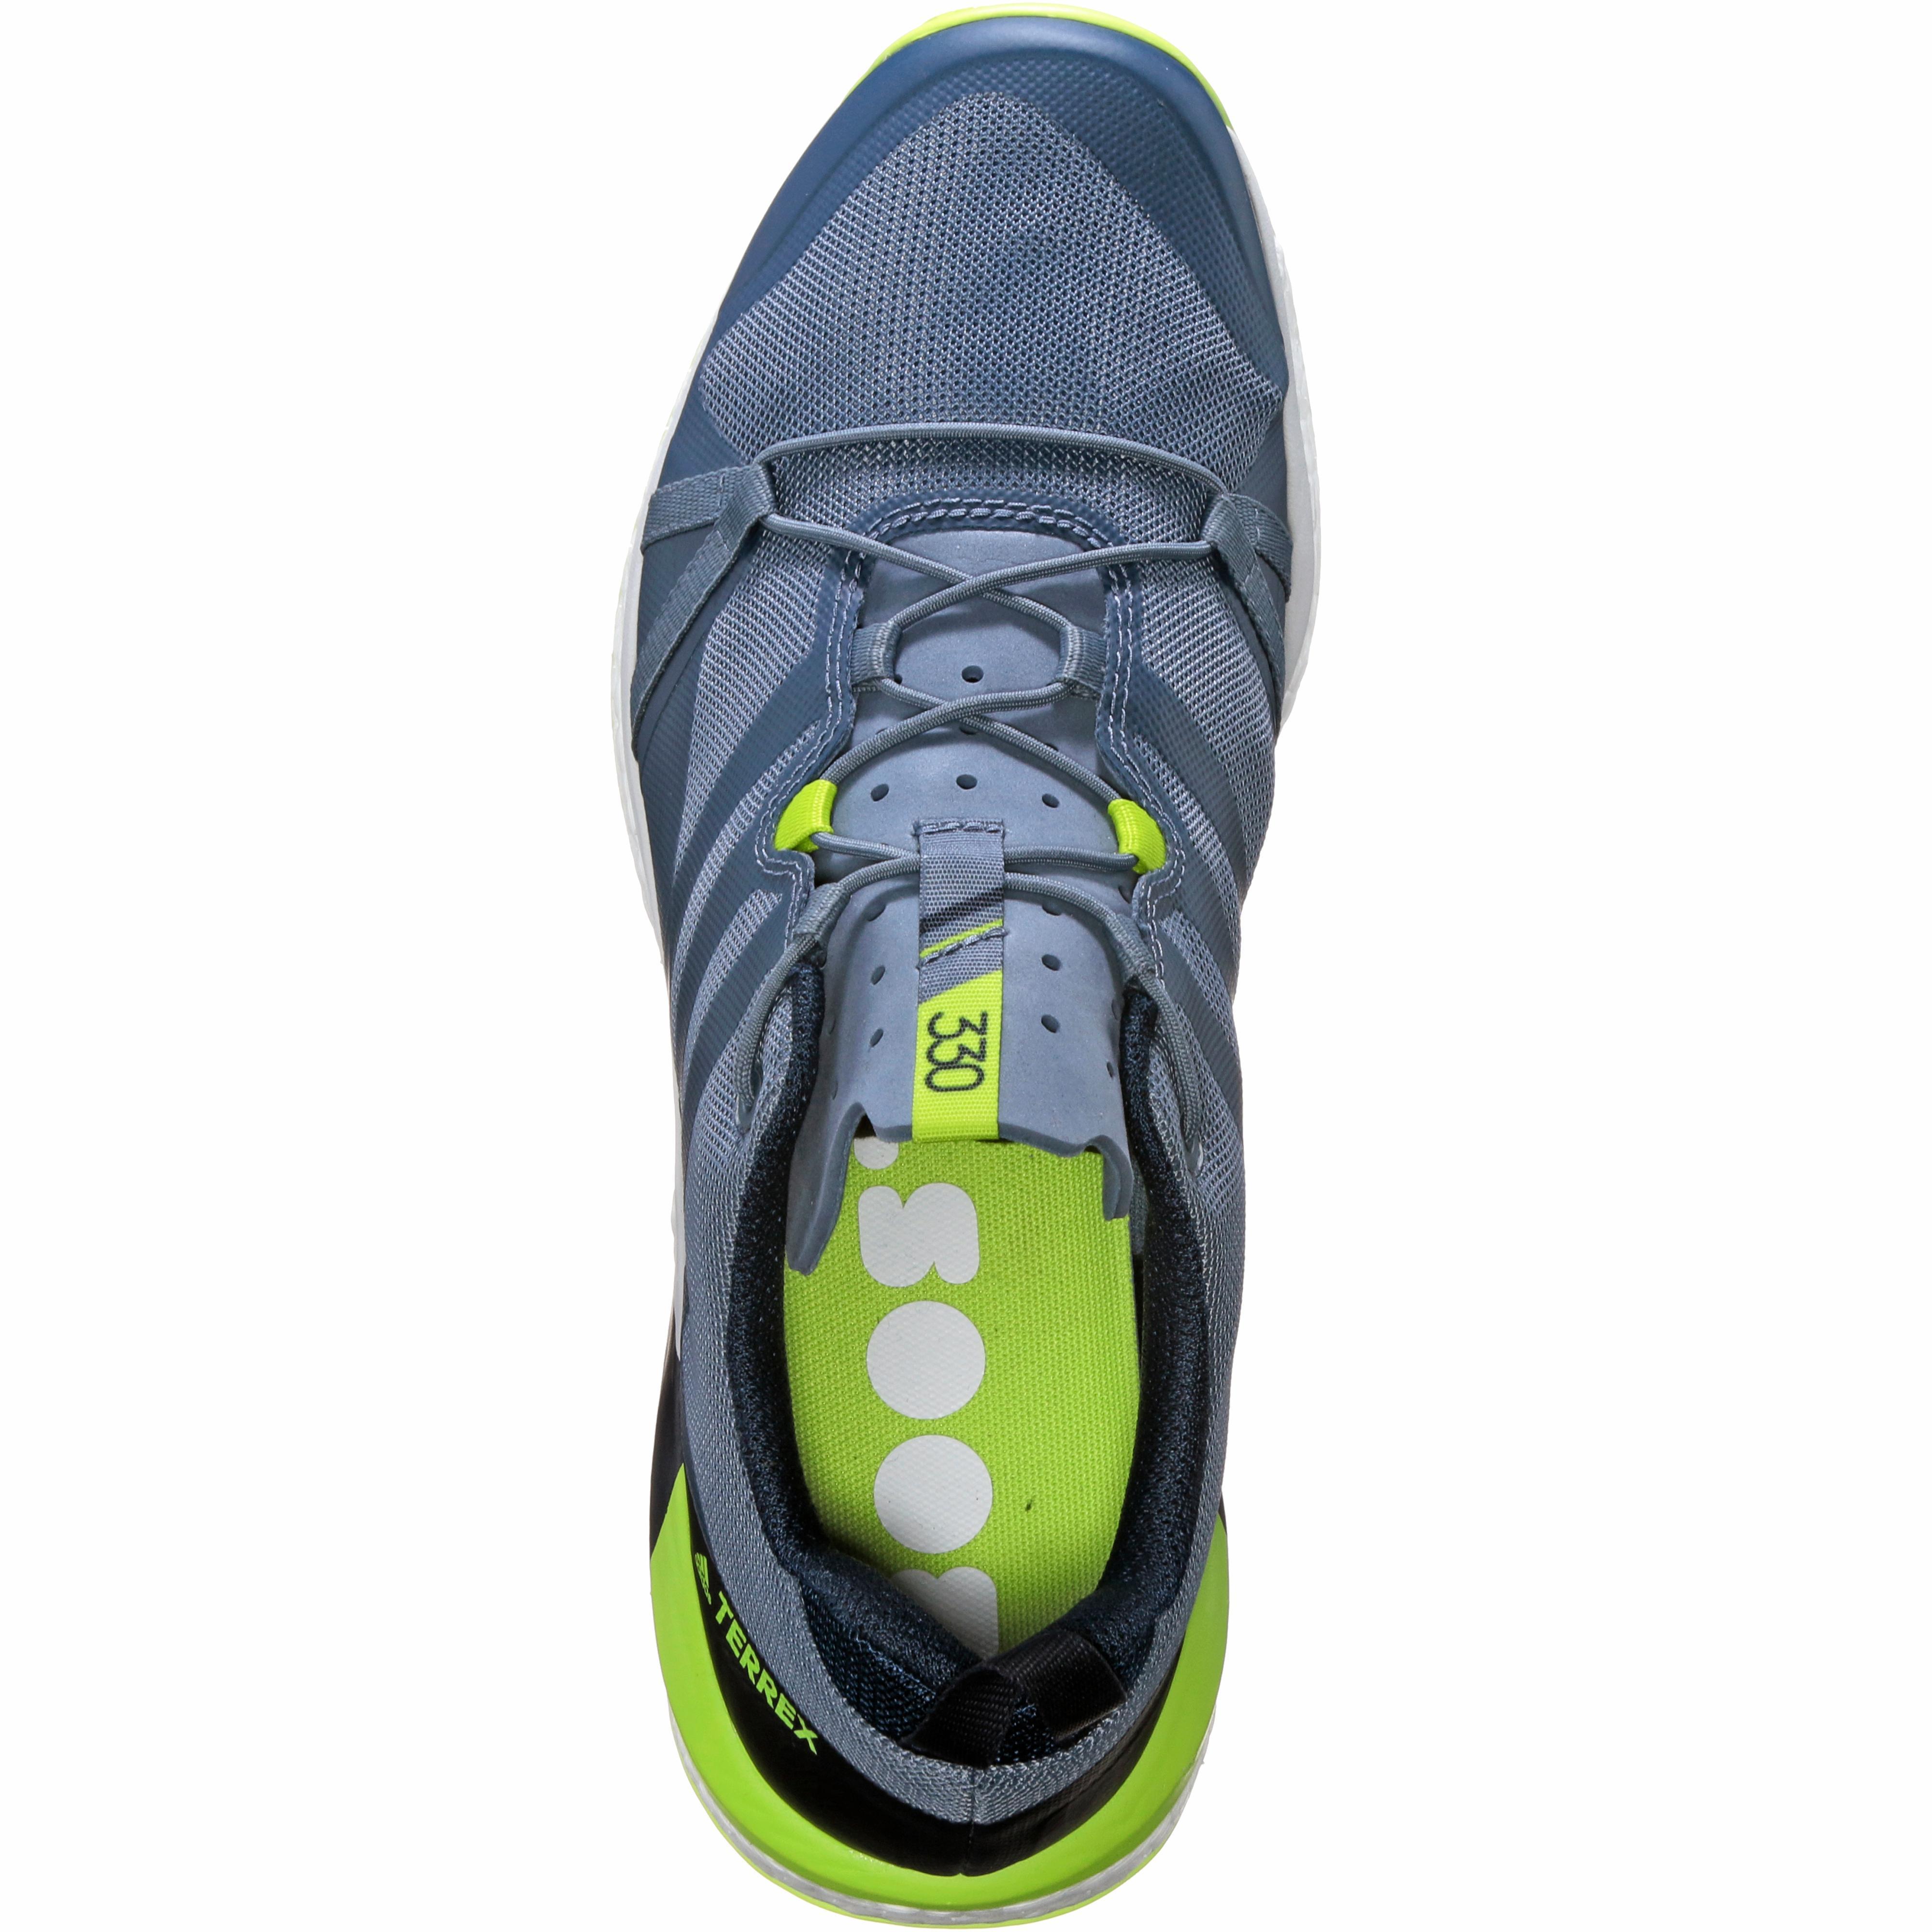 Adidas Agravic Mountain Running Schuhe Herren raw raw raw steel im Online Shop von SportScheck kaufen Gute Qualität beliebte Schuhe 197b99